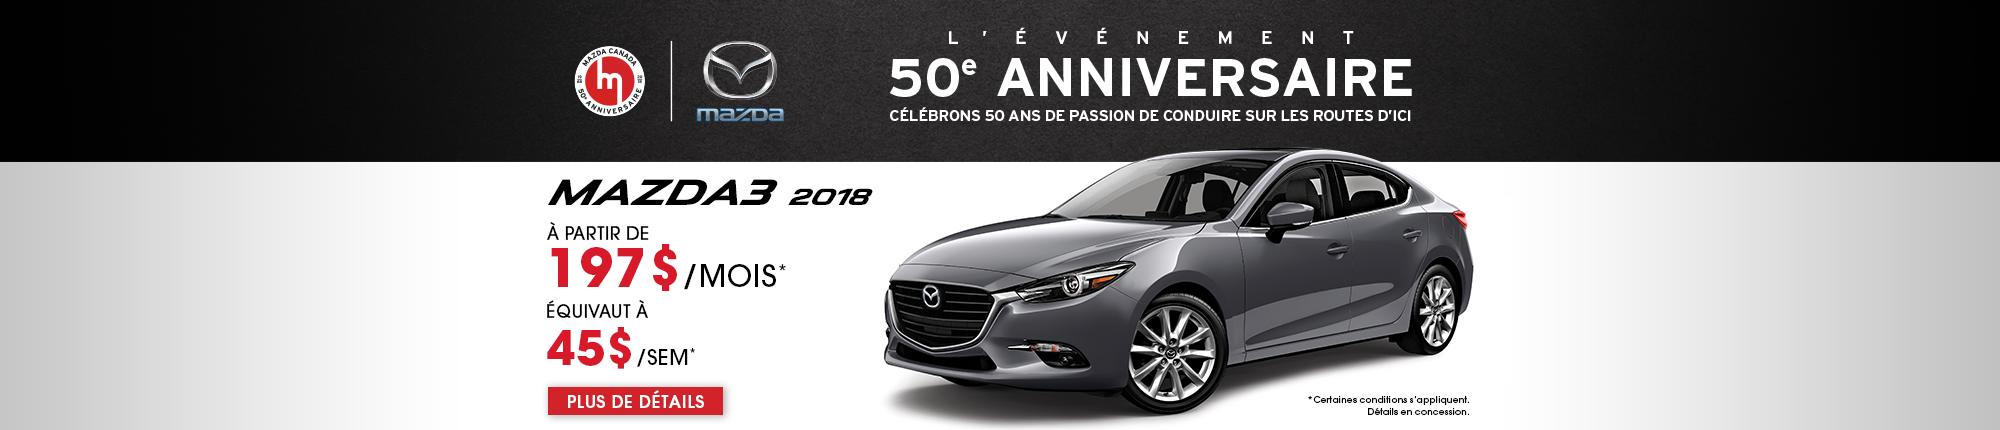 L'événement 50e anniversaire - M3